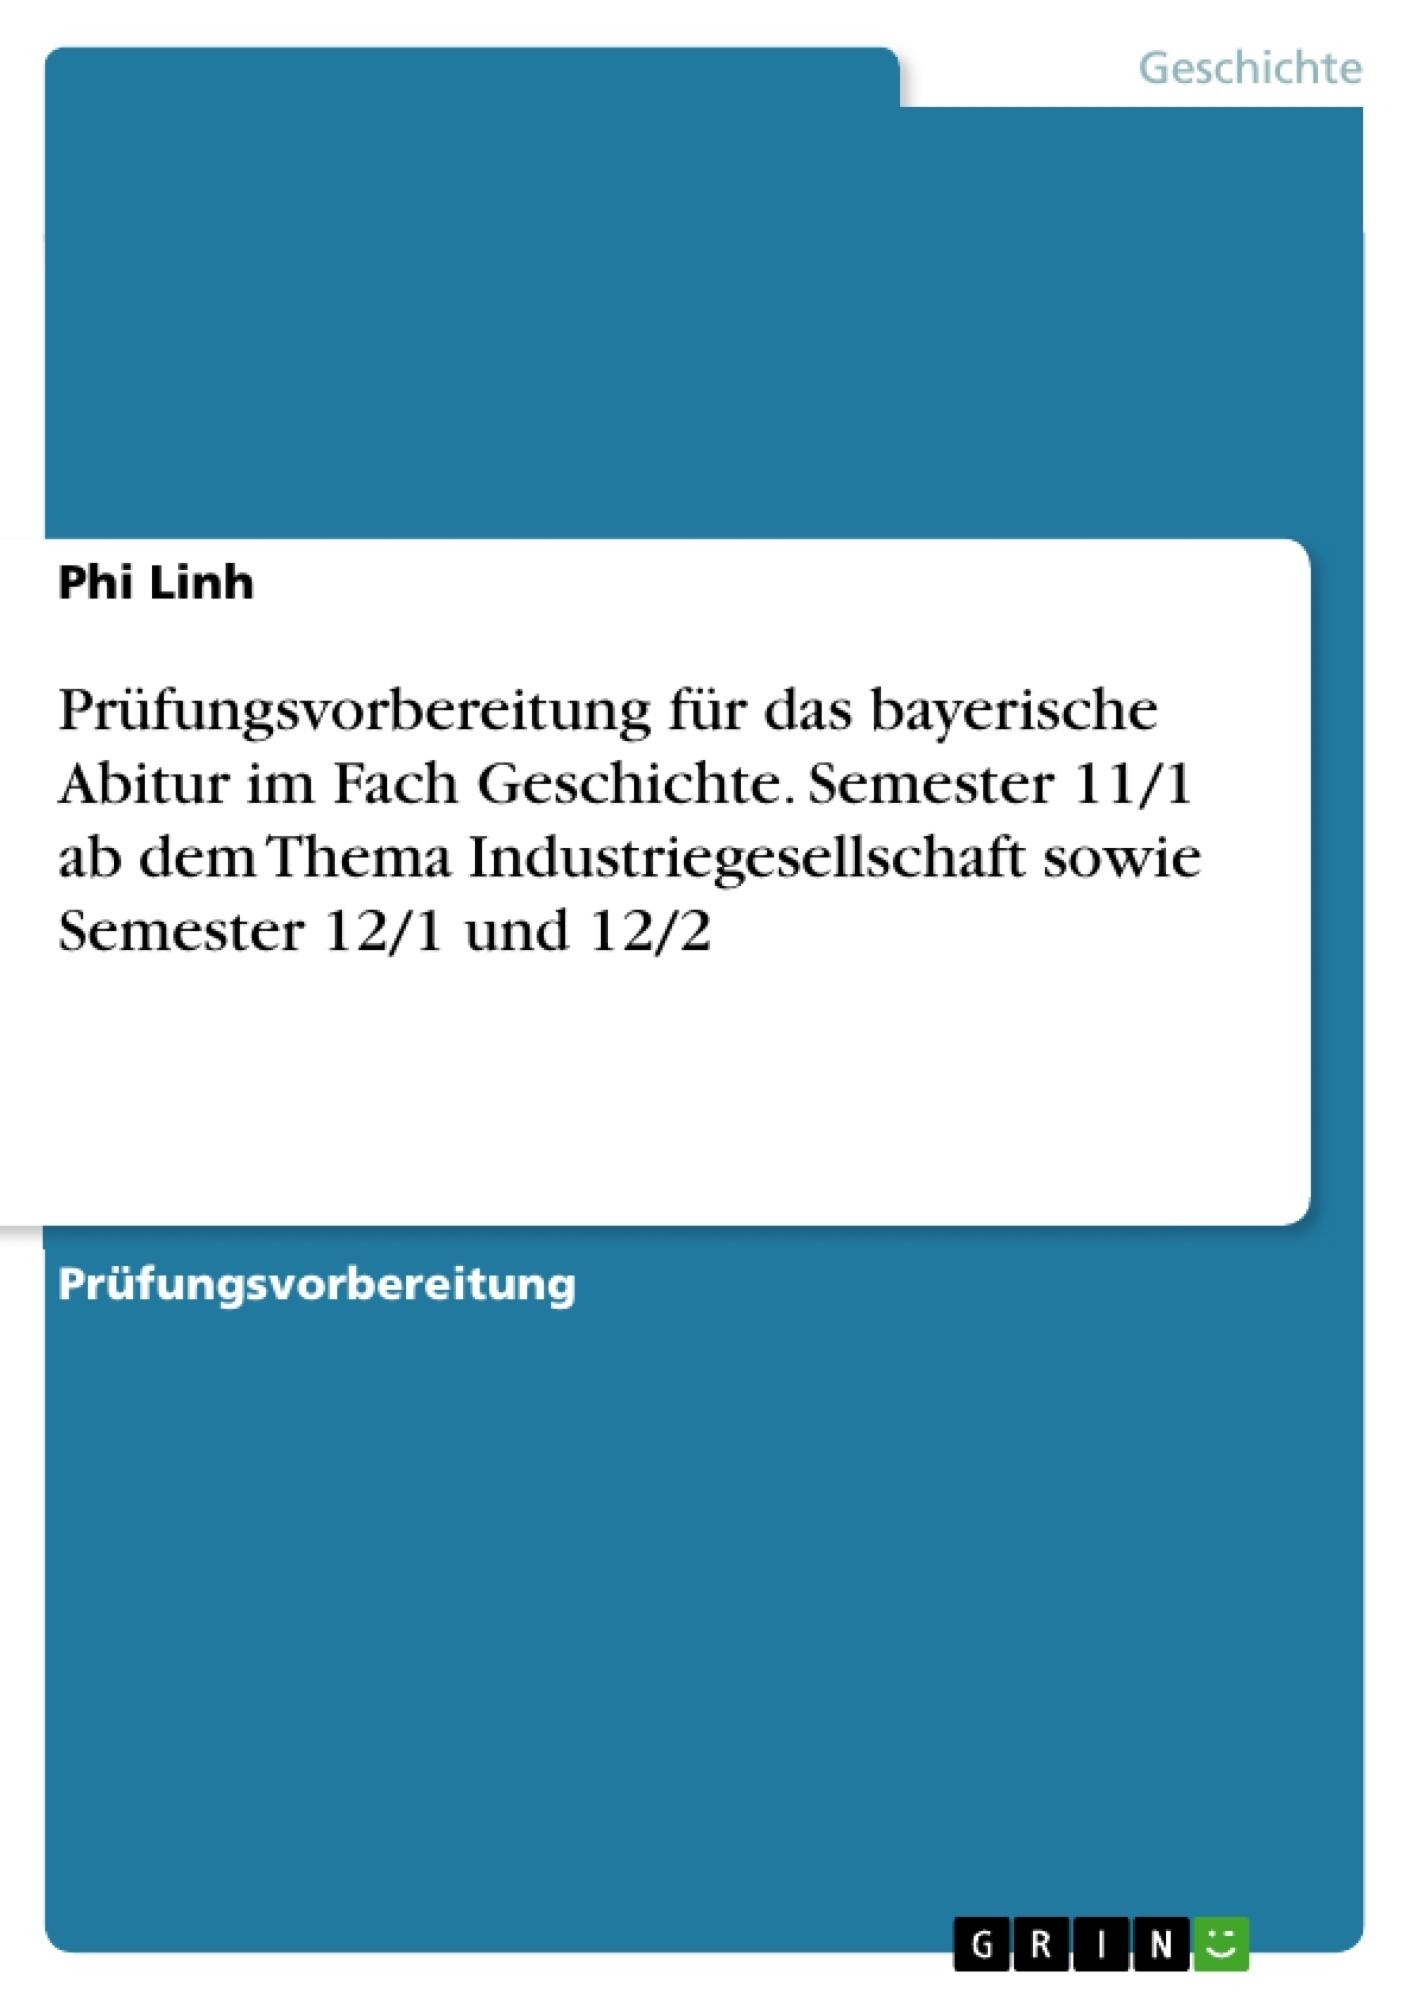 Titel: Prüfungsvorbereitung für das bayerische Abitur im Fach Geschichte. Semester 11/1 ab dem Thema Industriegesellschaft sowie Semester 12/1 und 12/2